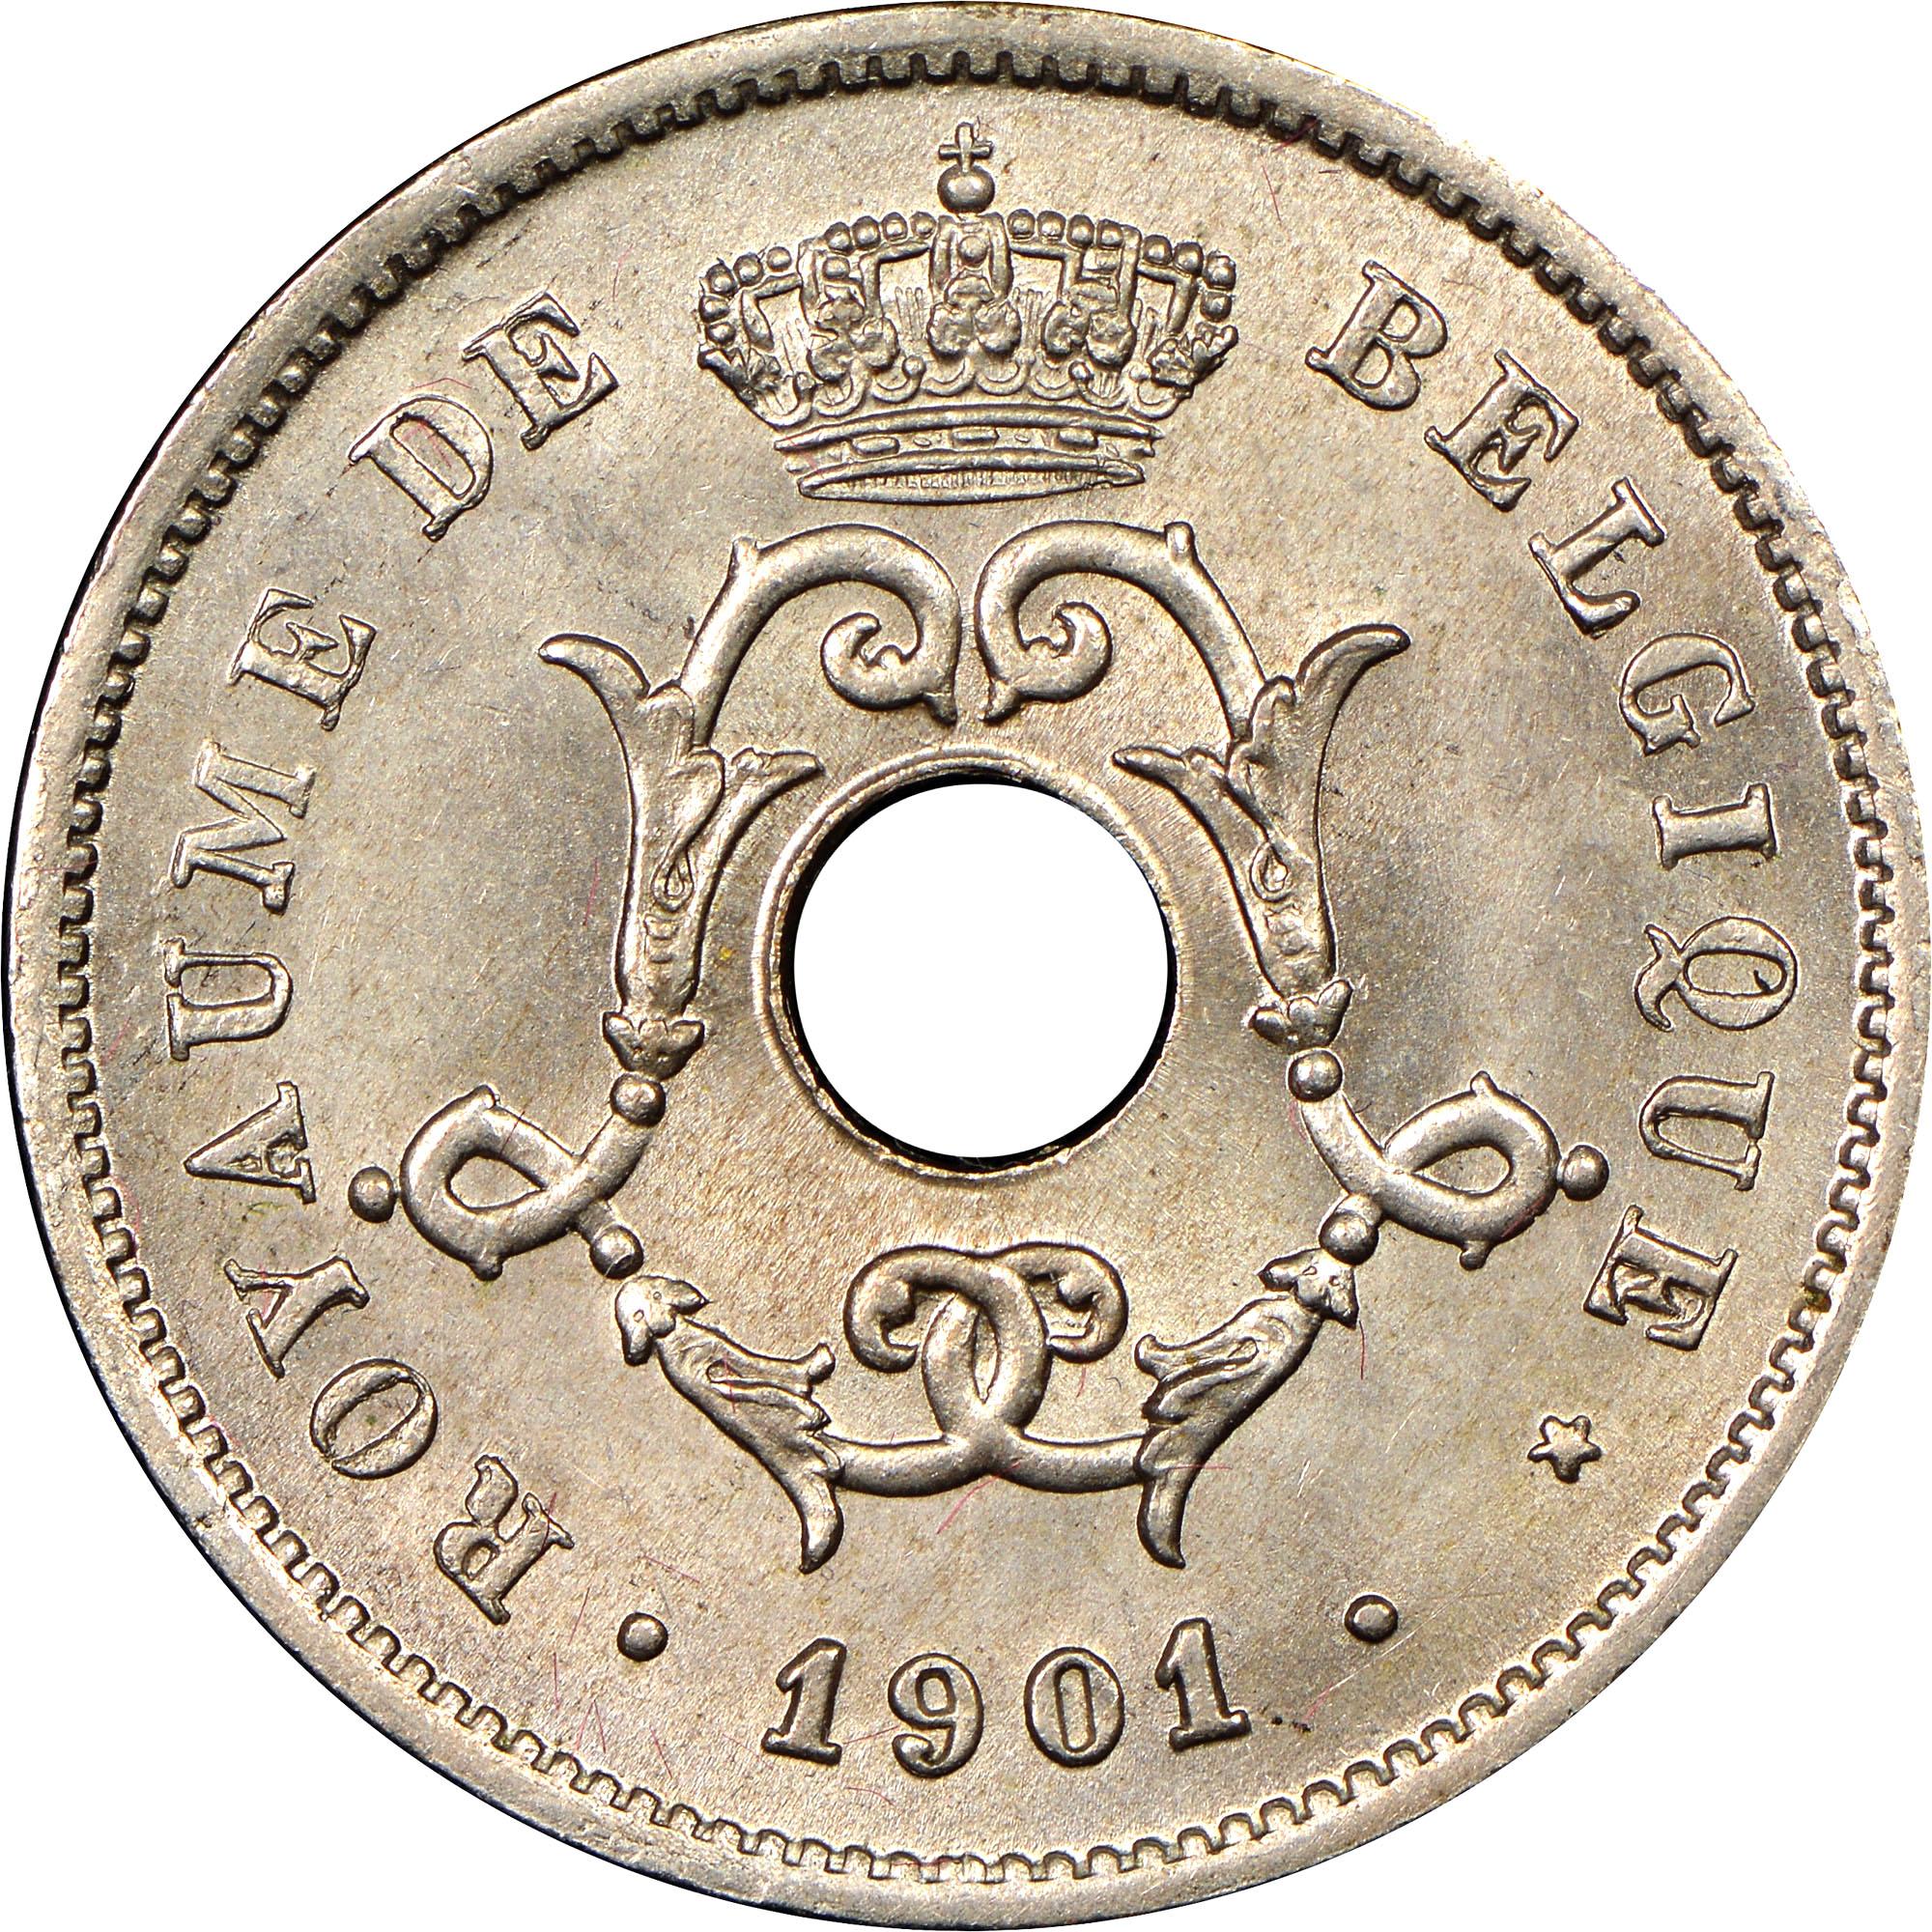 Belgium 10 Centimes obverse